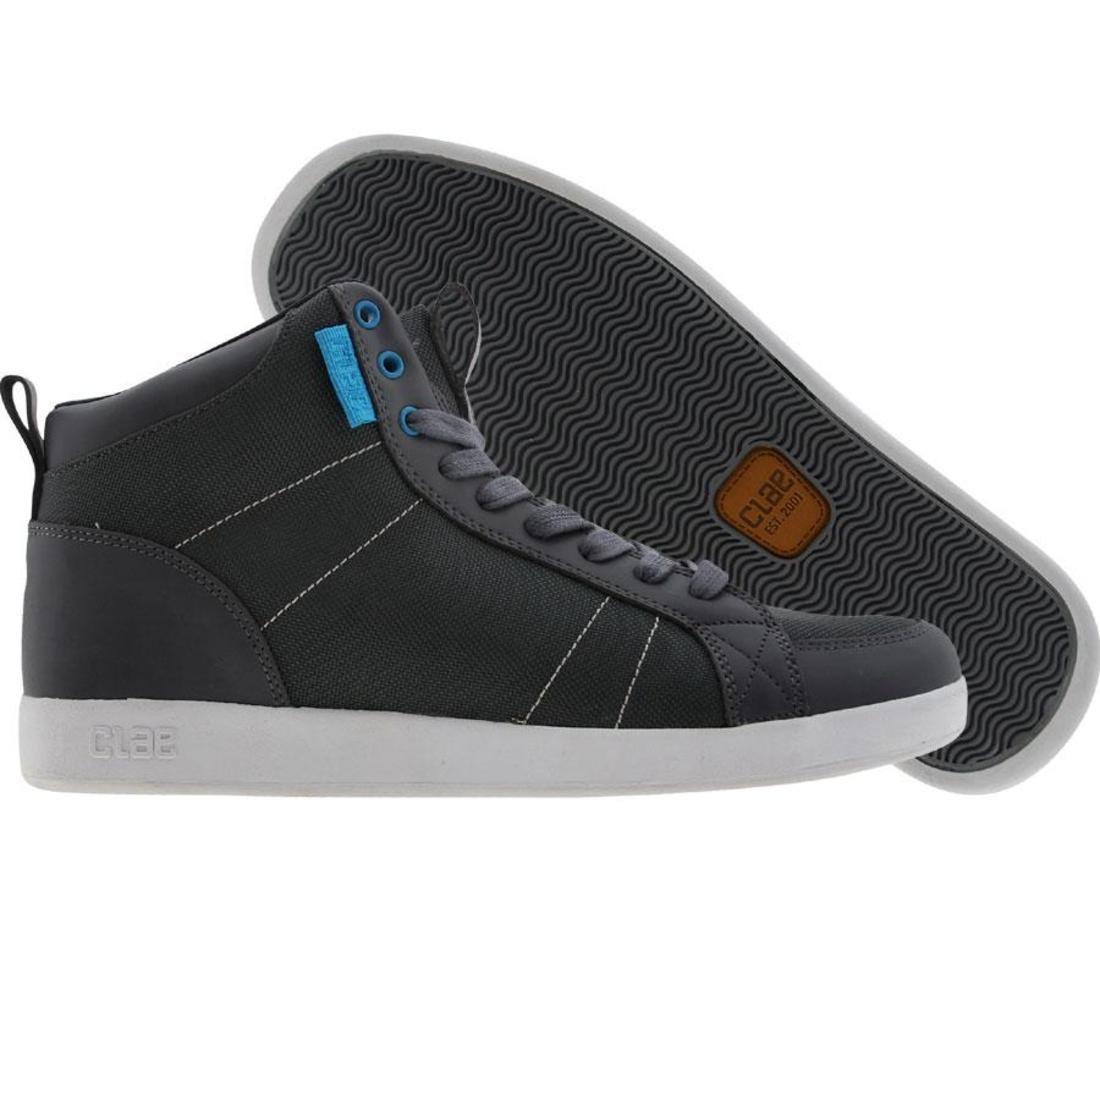 【海外限定】ラッセル メンズ靴 靴 【 CLAE RUSSELL PAVEMENT BALLISTIC 】